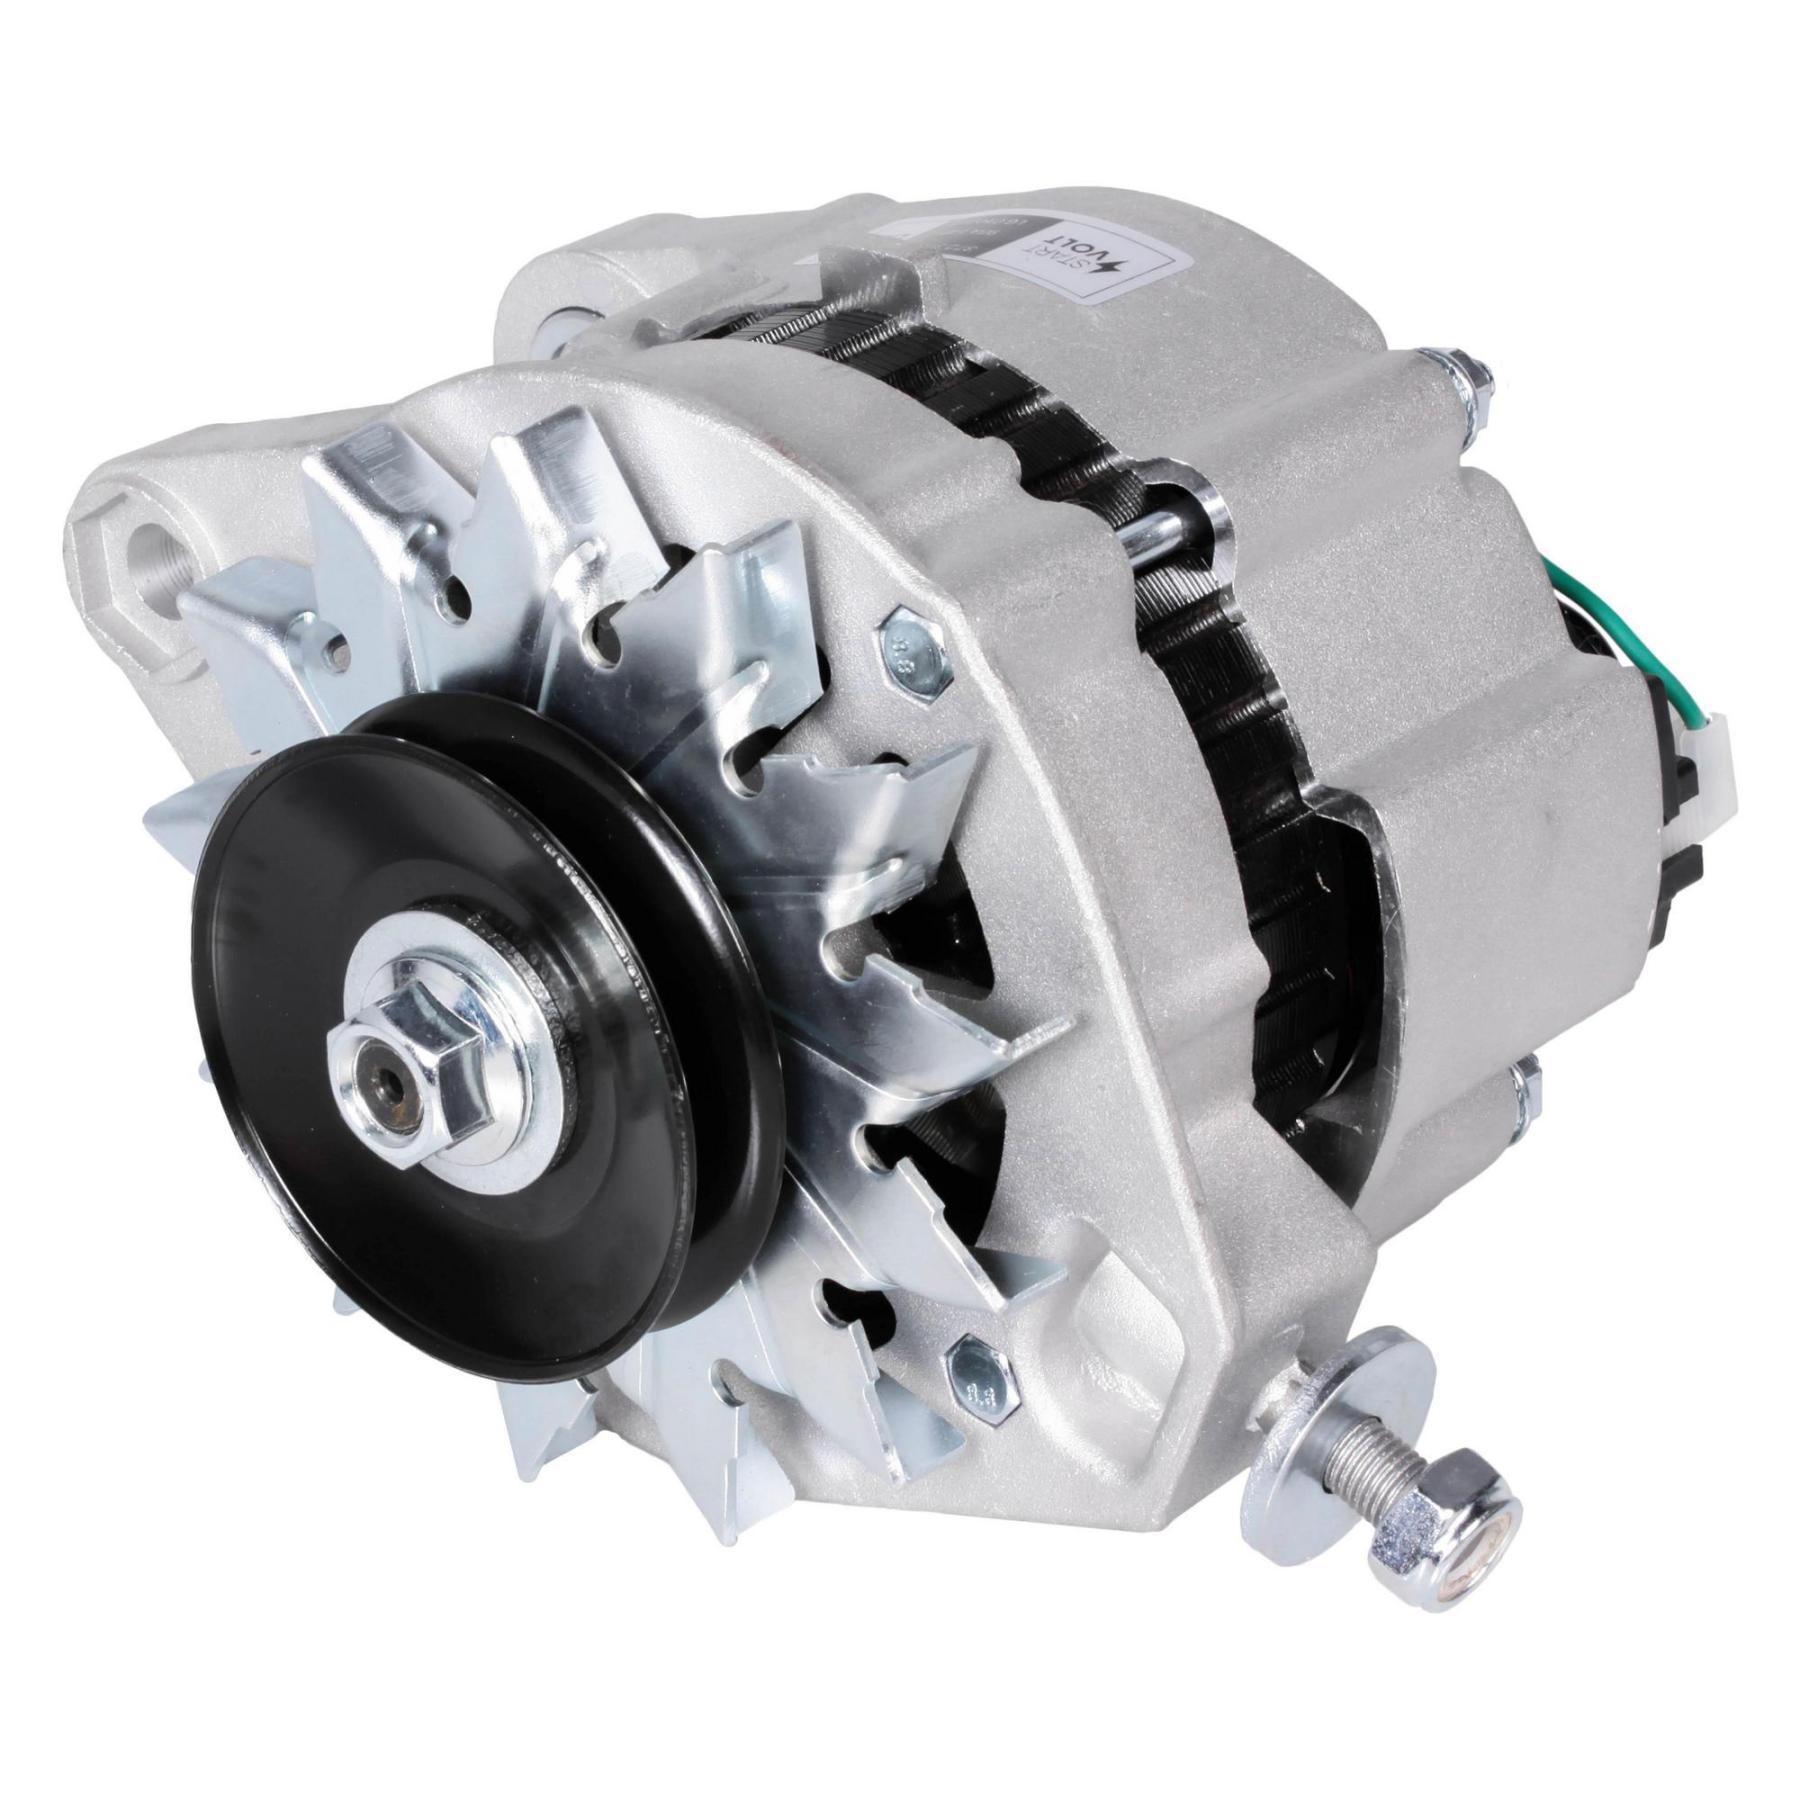 Генератор для автомобилей Лада 2104 2107 95А STARTVOLT LG 0107|Альтернаторы и генераторы| |